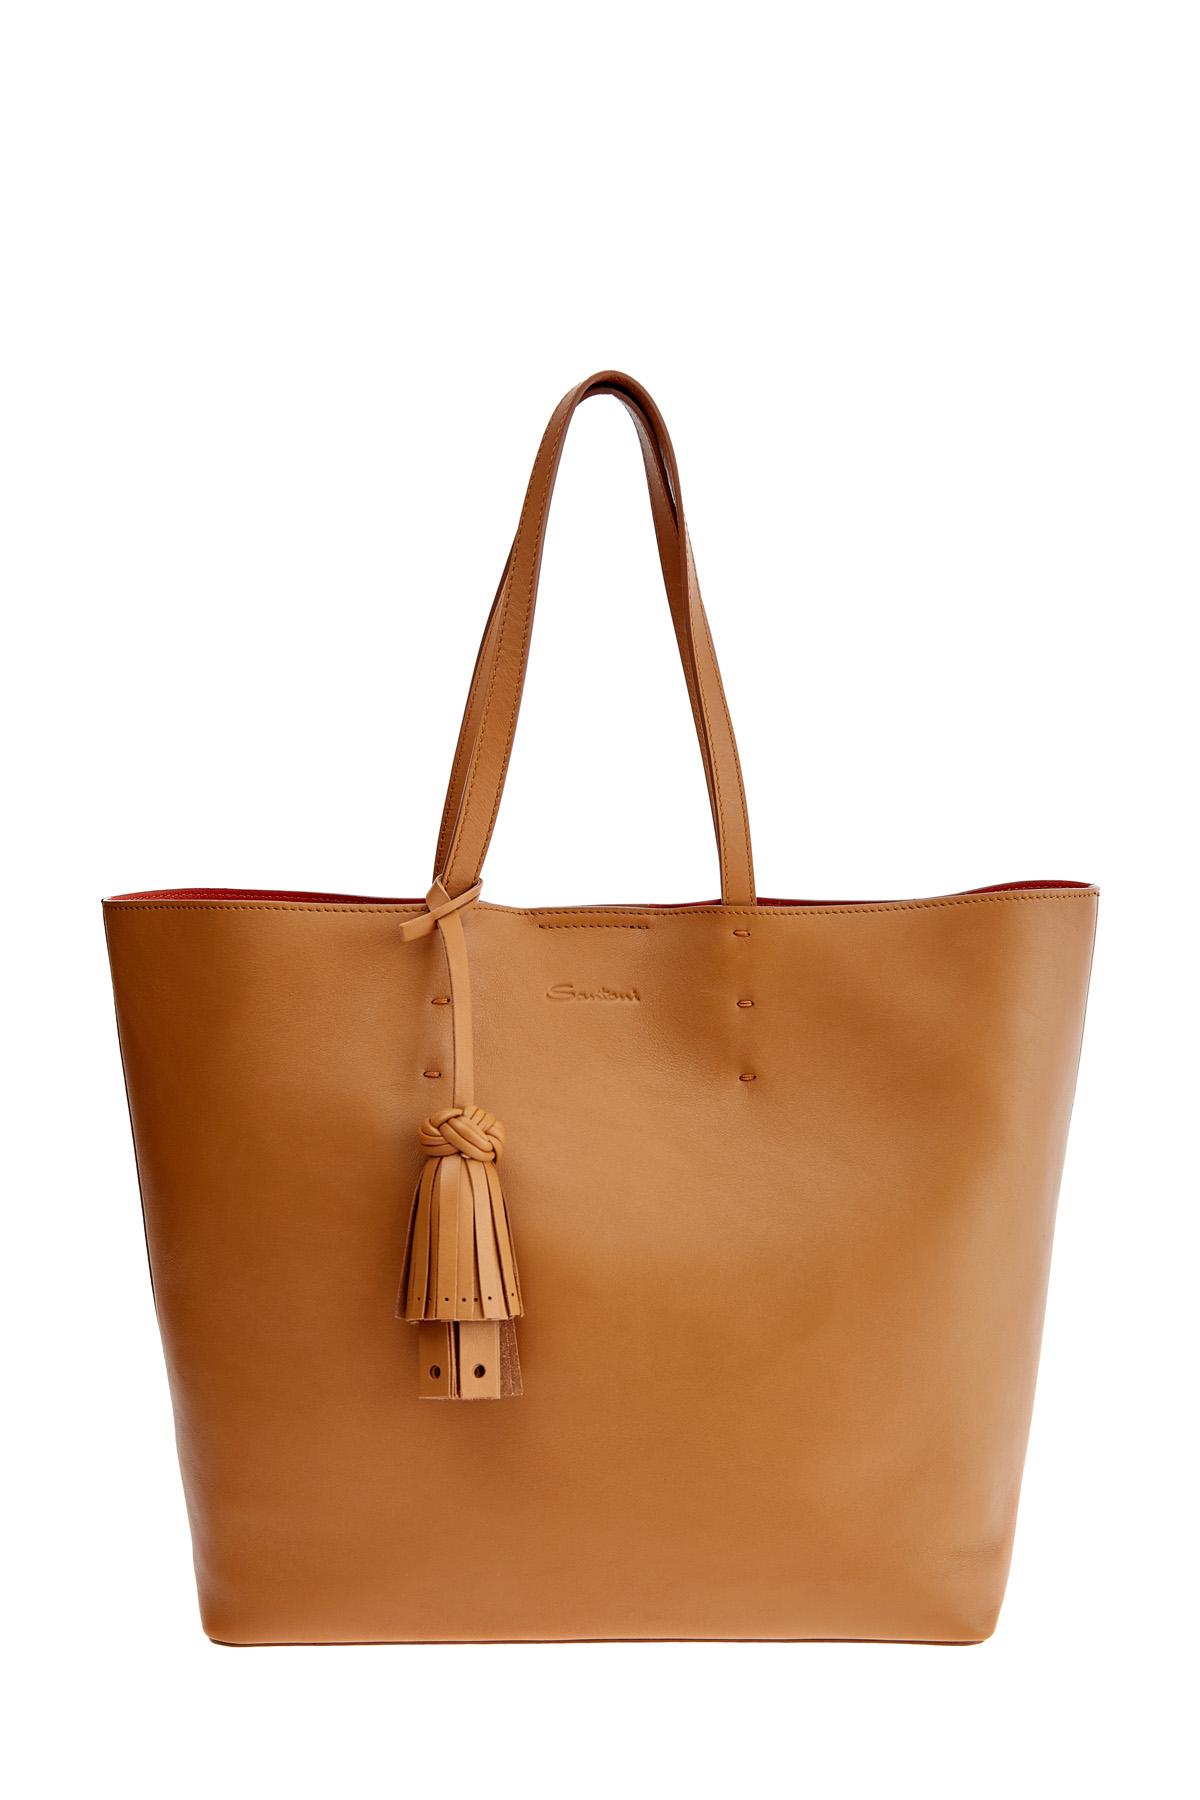 Вместительная сумка-тоут из матовой гладкой кожи с брелоком-кистью SANTONI 1822ba c70